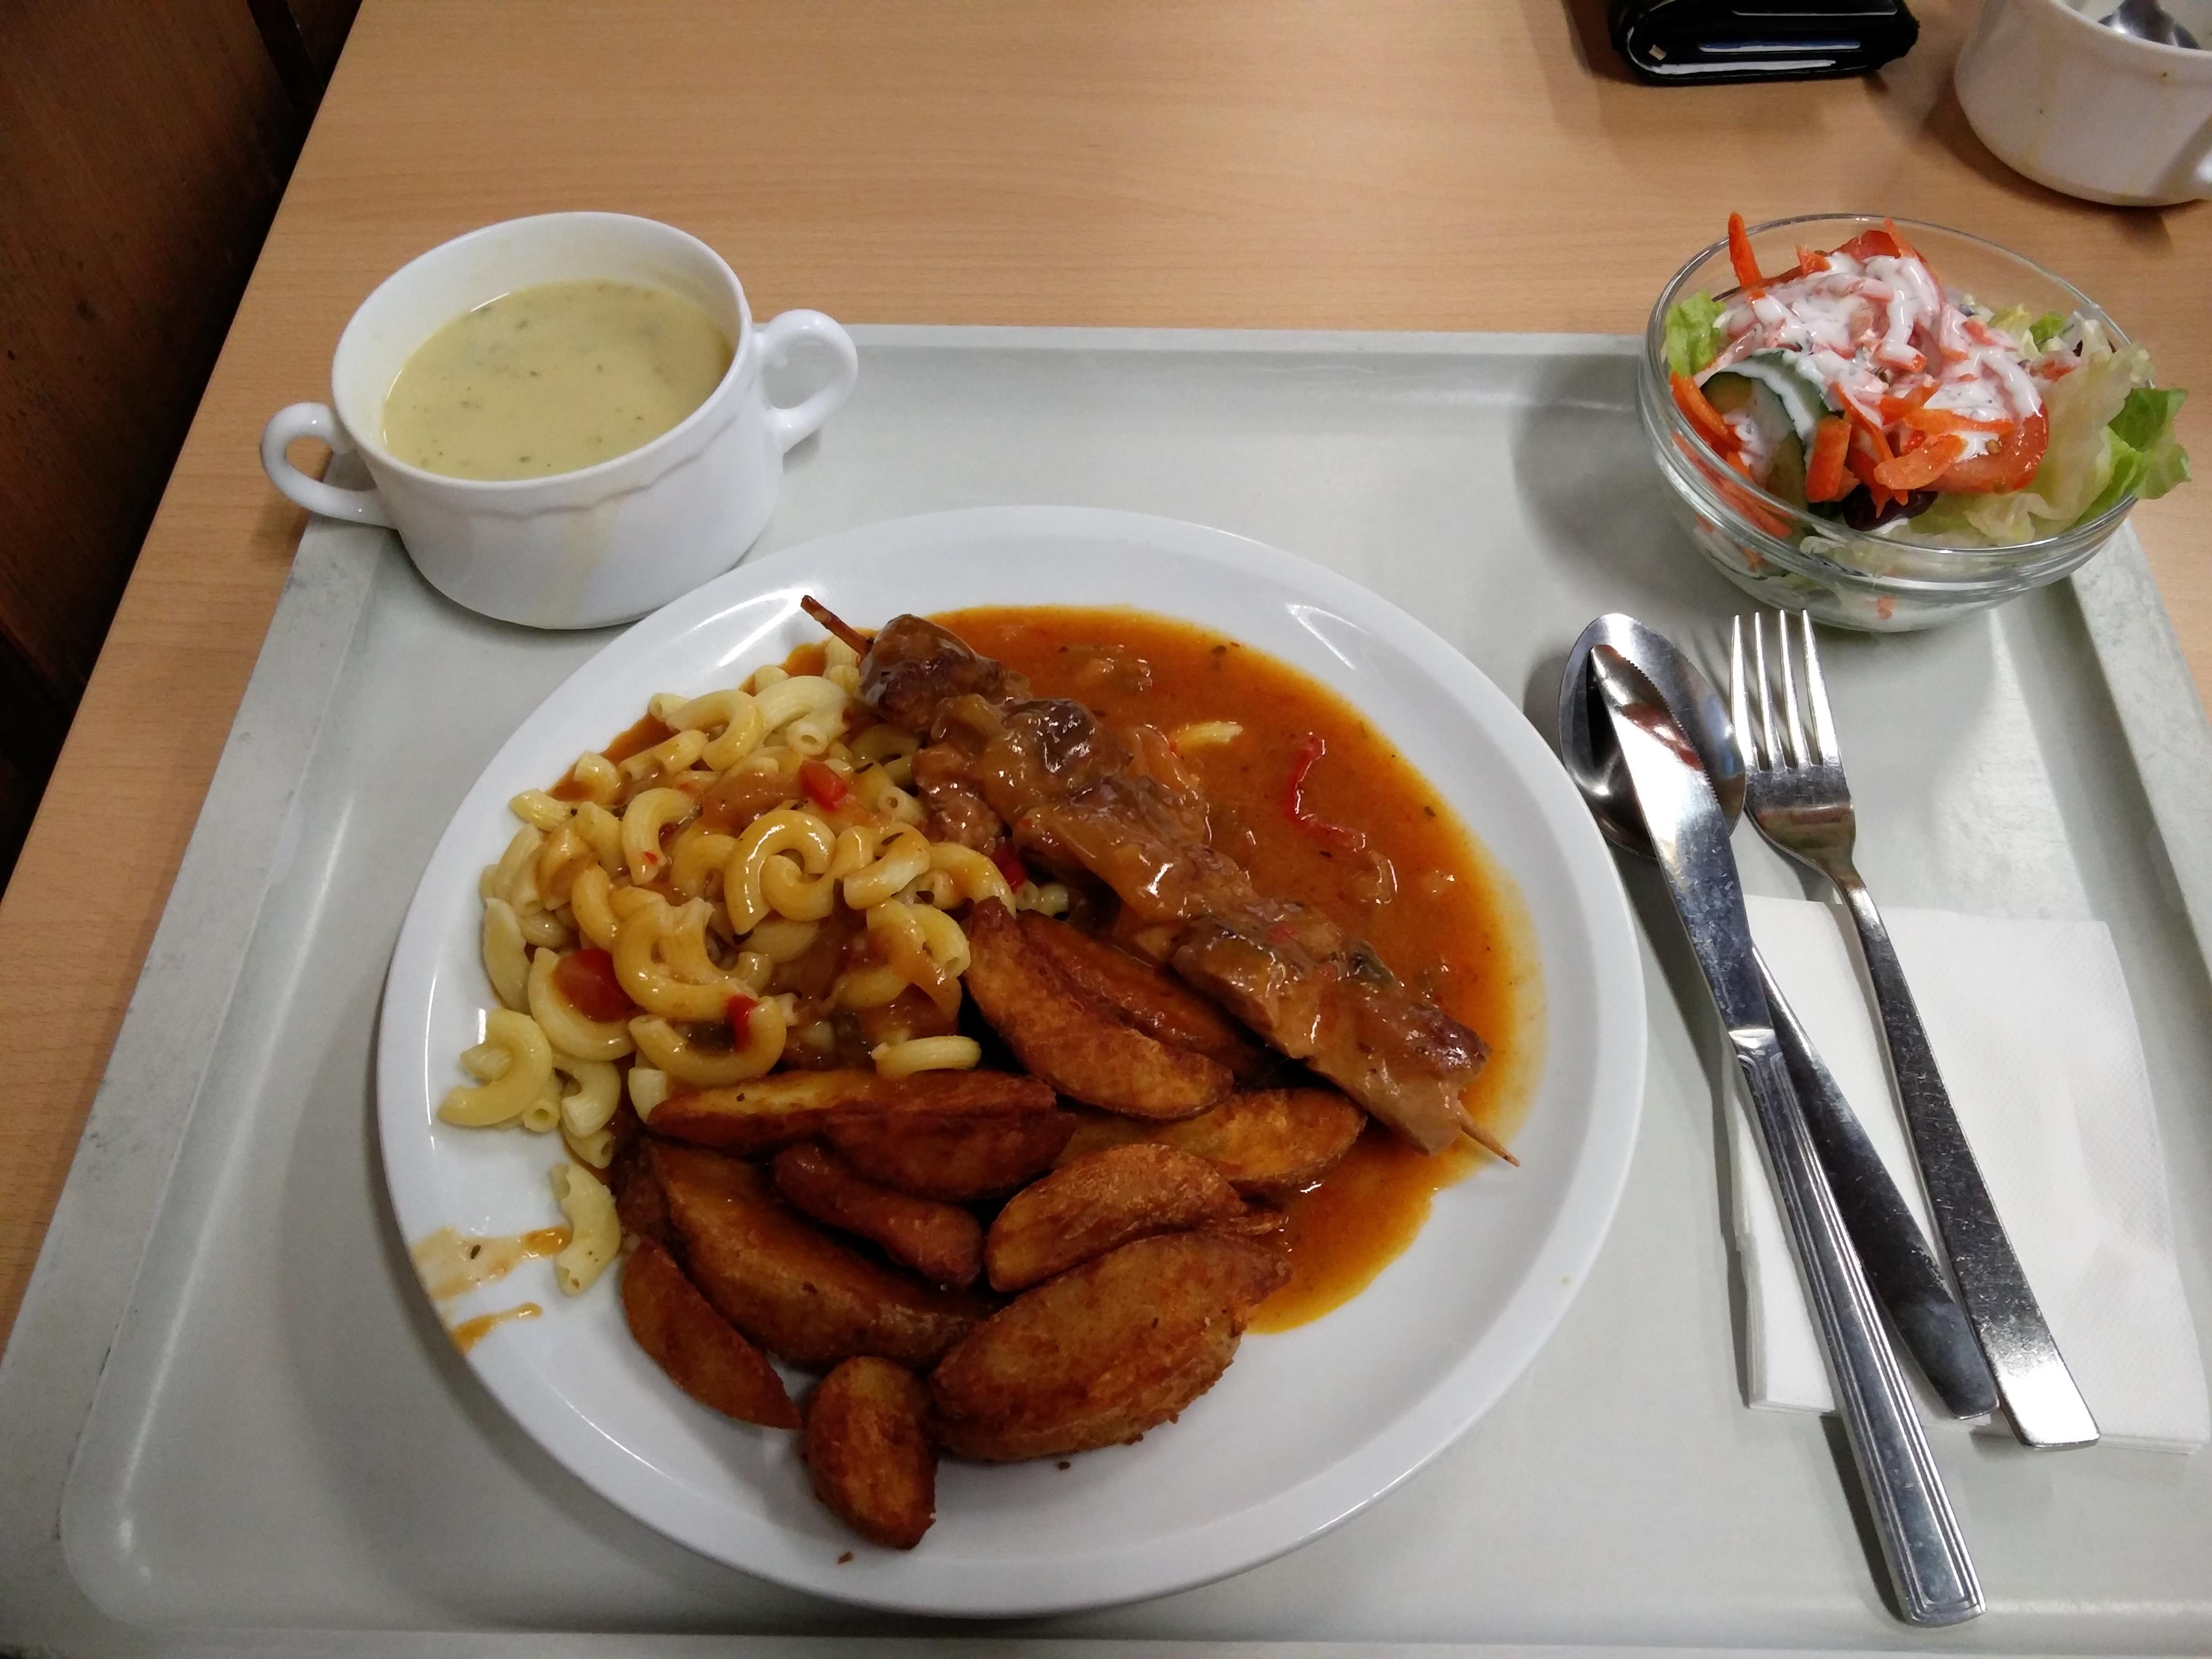 https://foodloader.net/nico_2016-02-10_grillspiess-mit-wedges-und-nudeln-mit-suppe-und-salat.jpg